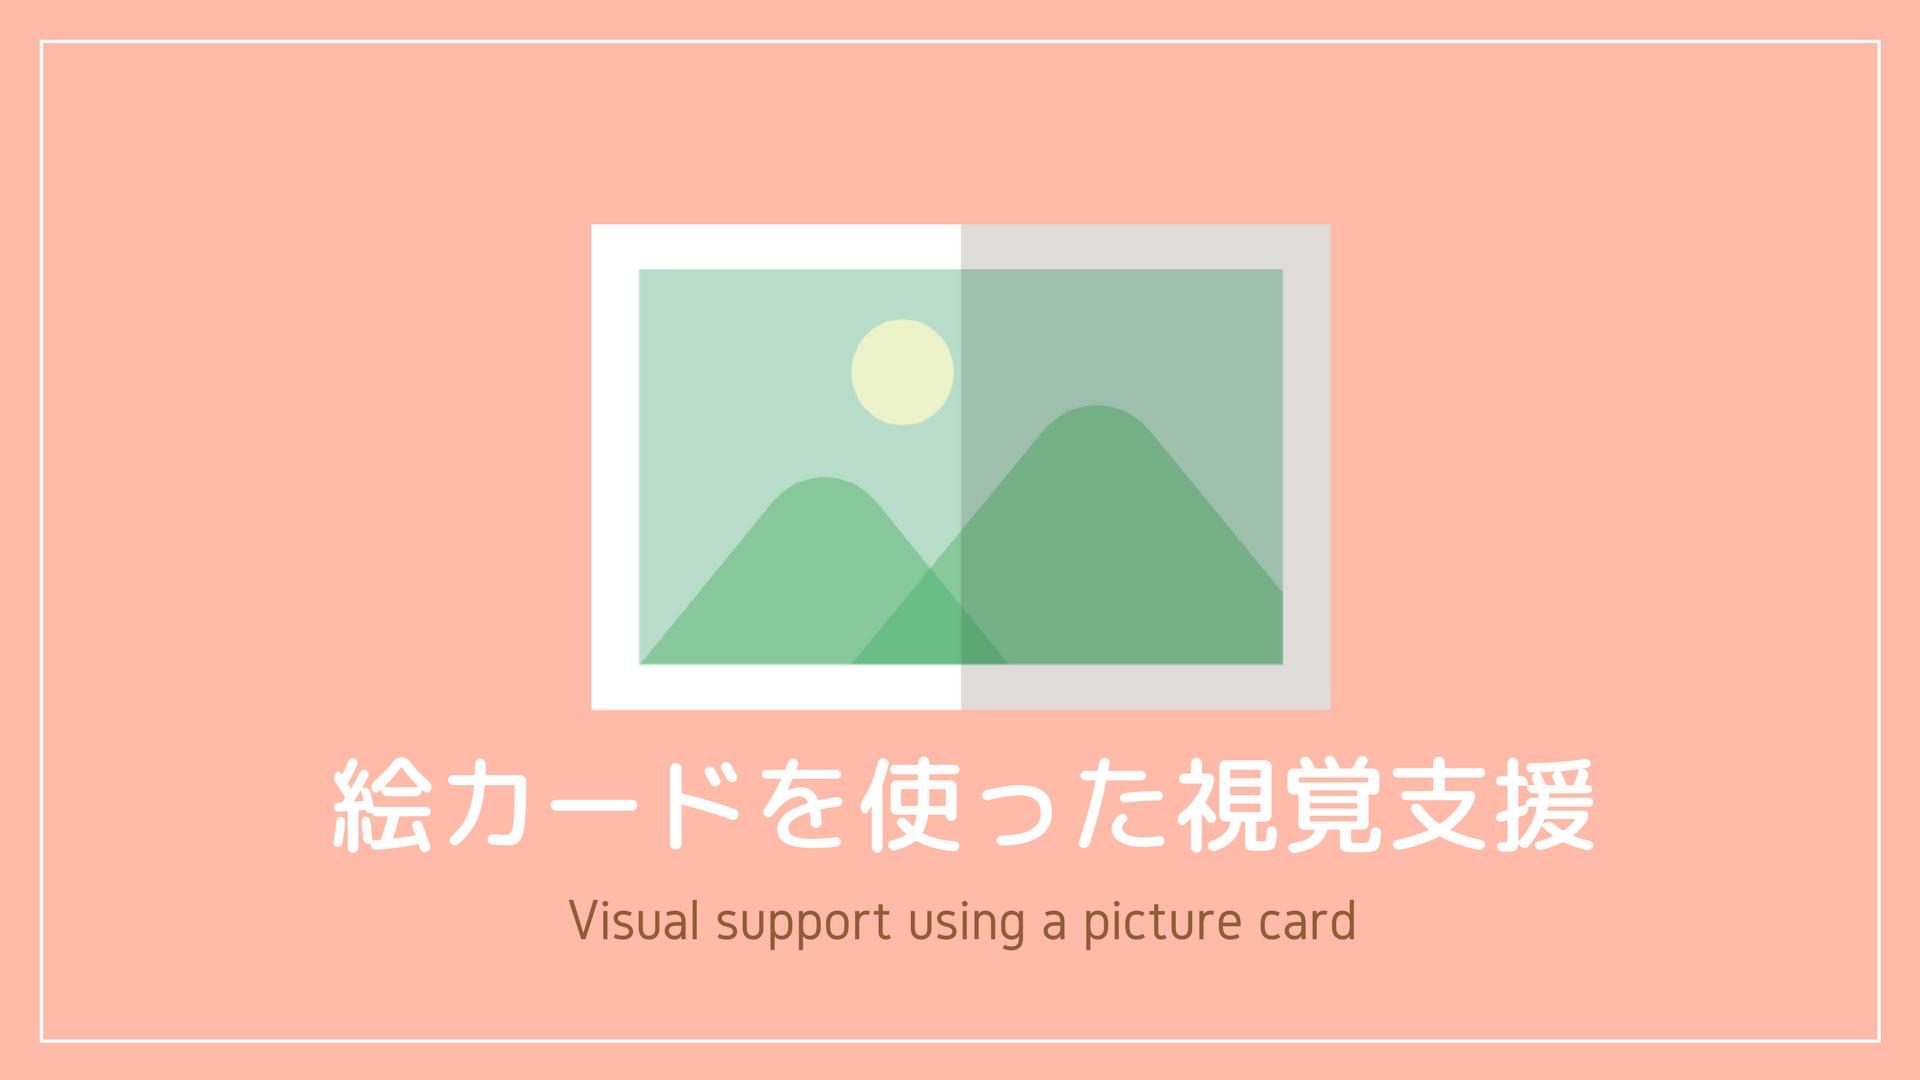 絵カードを使った視覚支援とその効果〜おすすめ絵カード3選と自分で簡単に作る方法〜